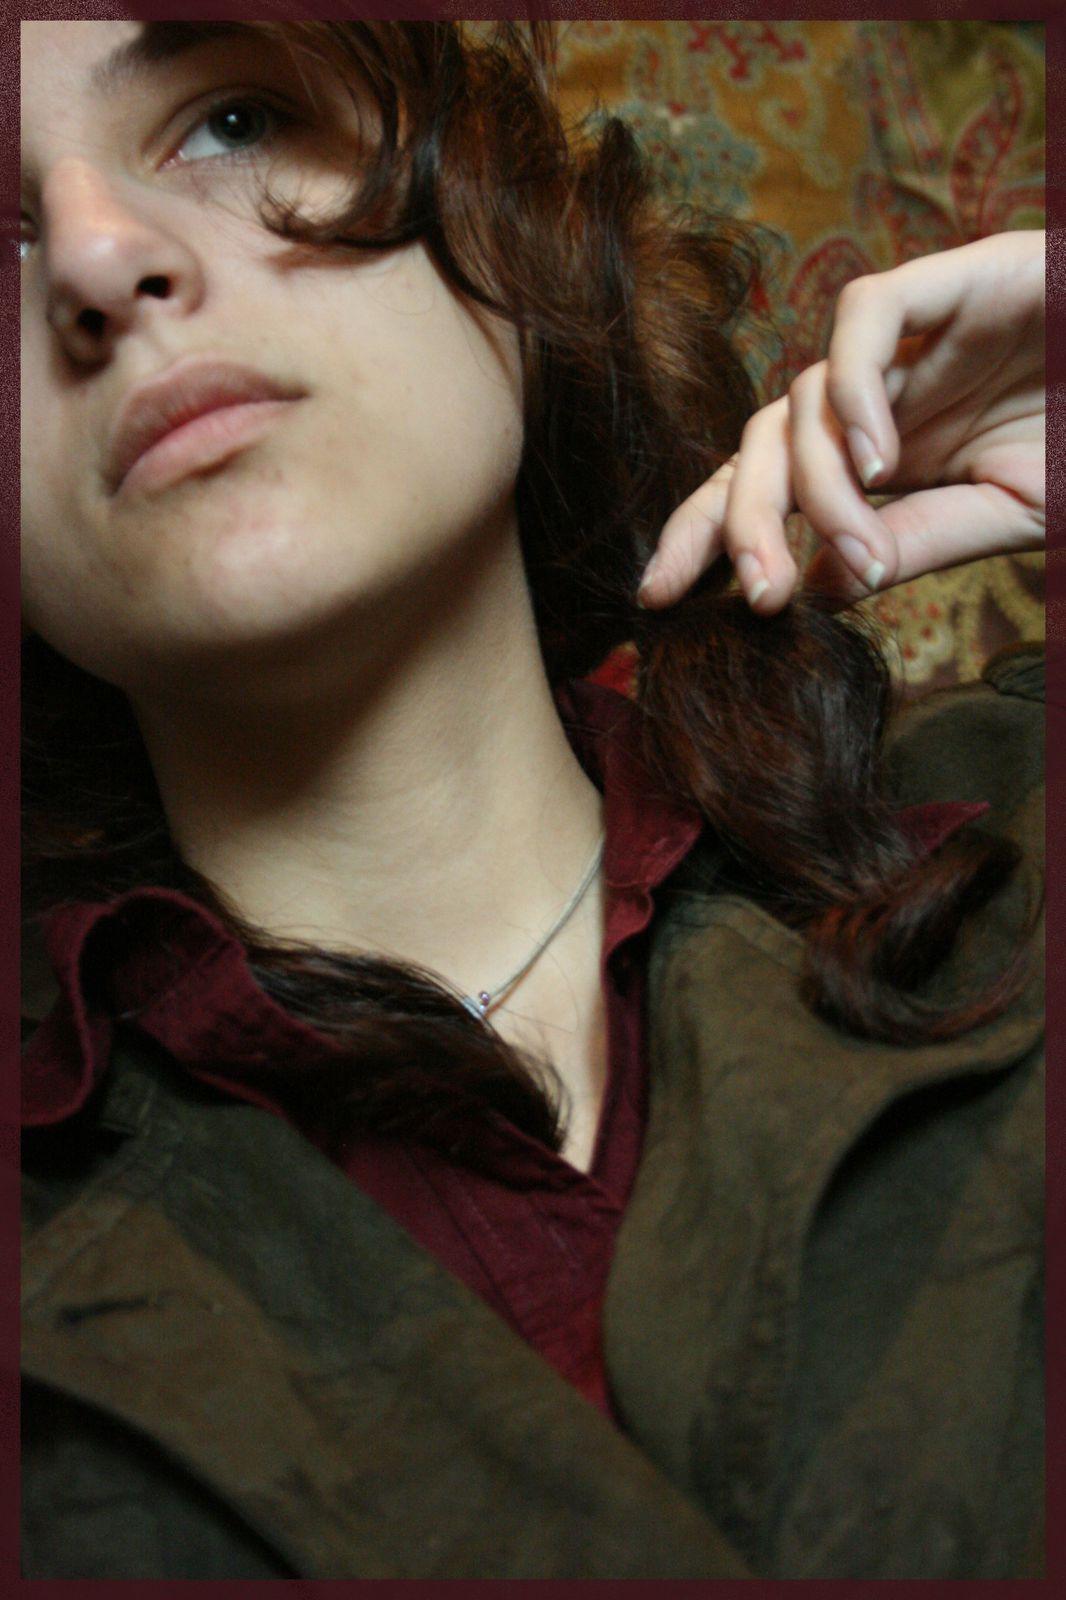 Suite conseil photo le Portrait : auto-critique ; vous apprendre à critiquer pour vous améliorer